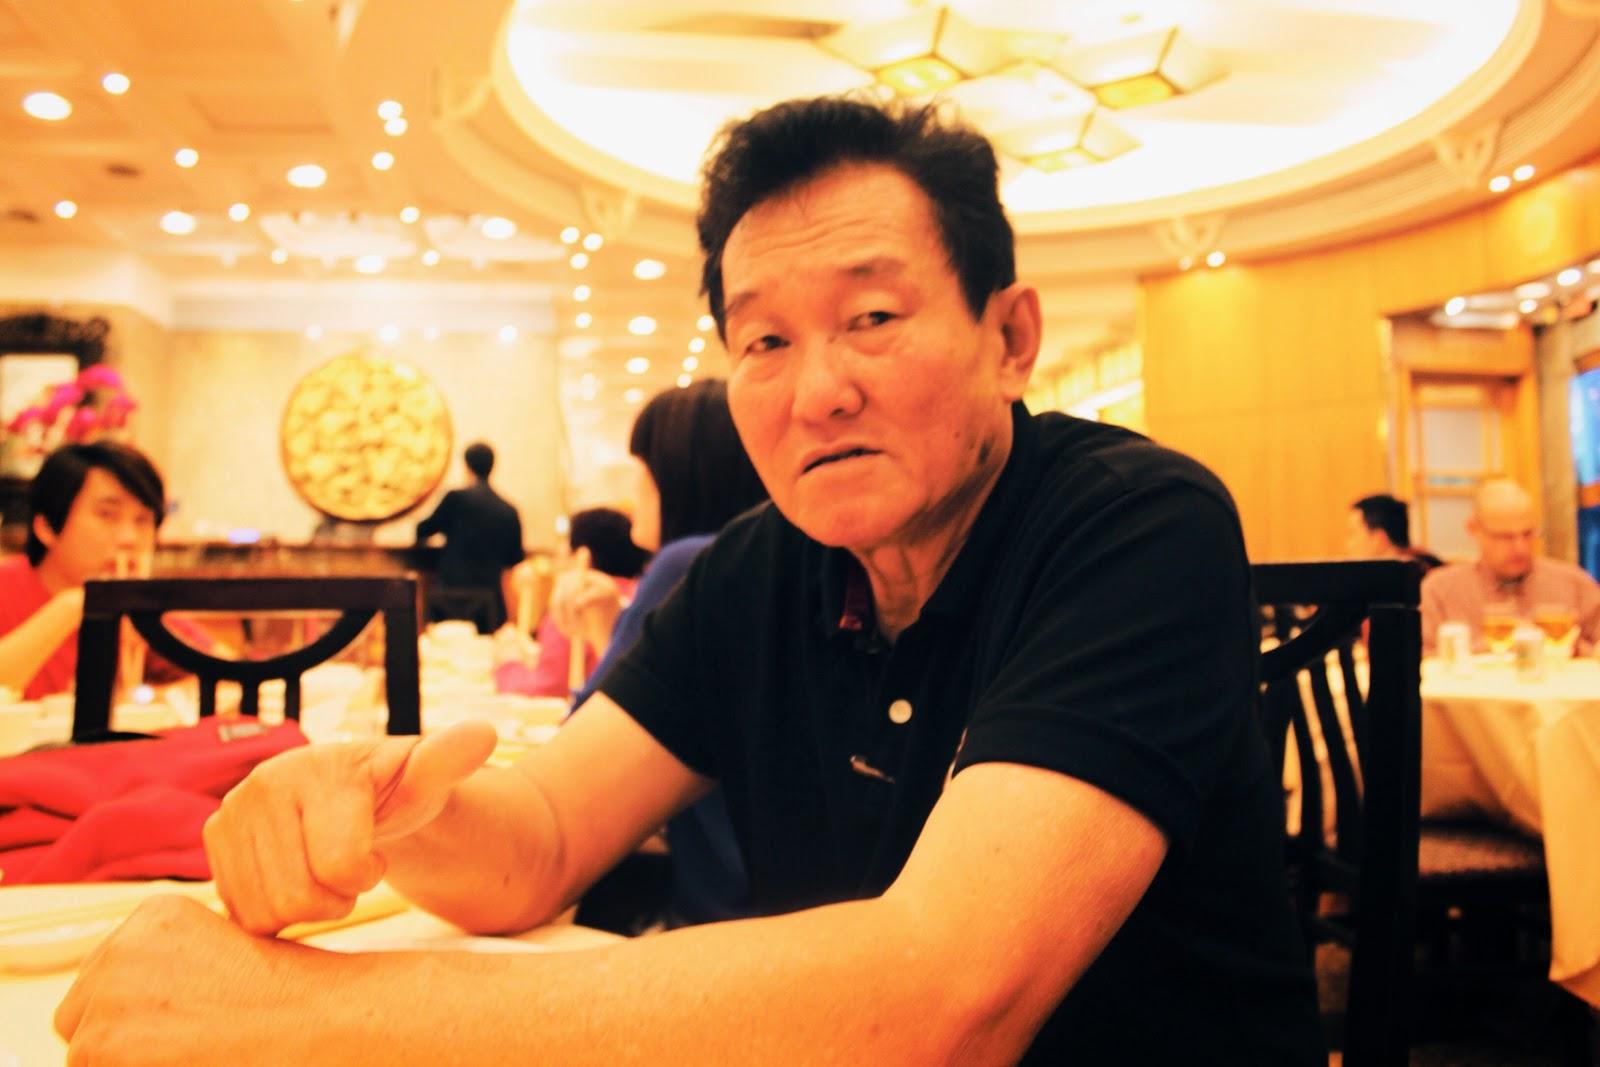 鏞記酒家 Yung Kee Restaurant @ 香港中環 Central, Hong Kong